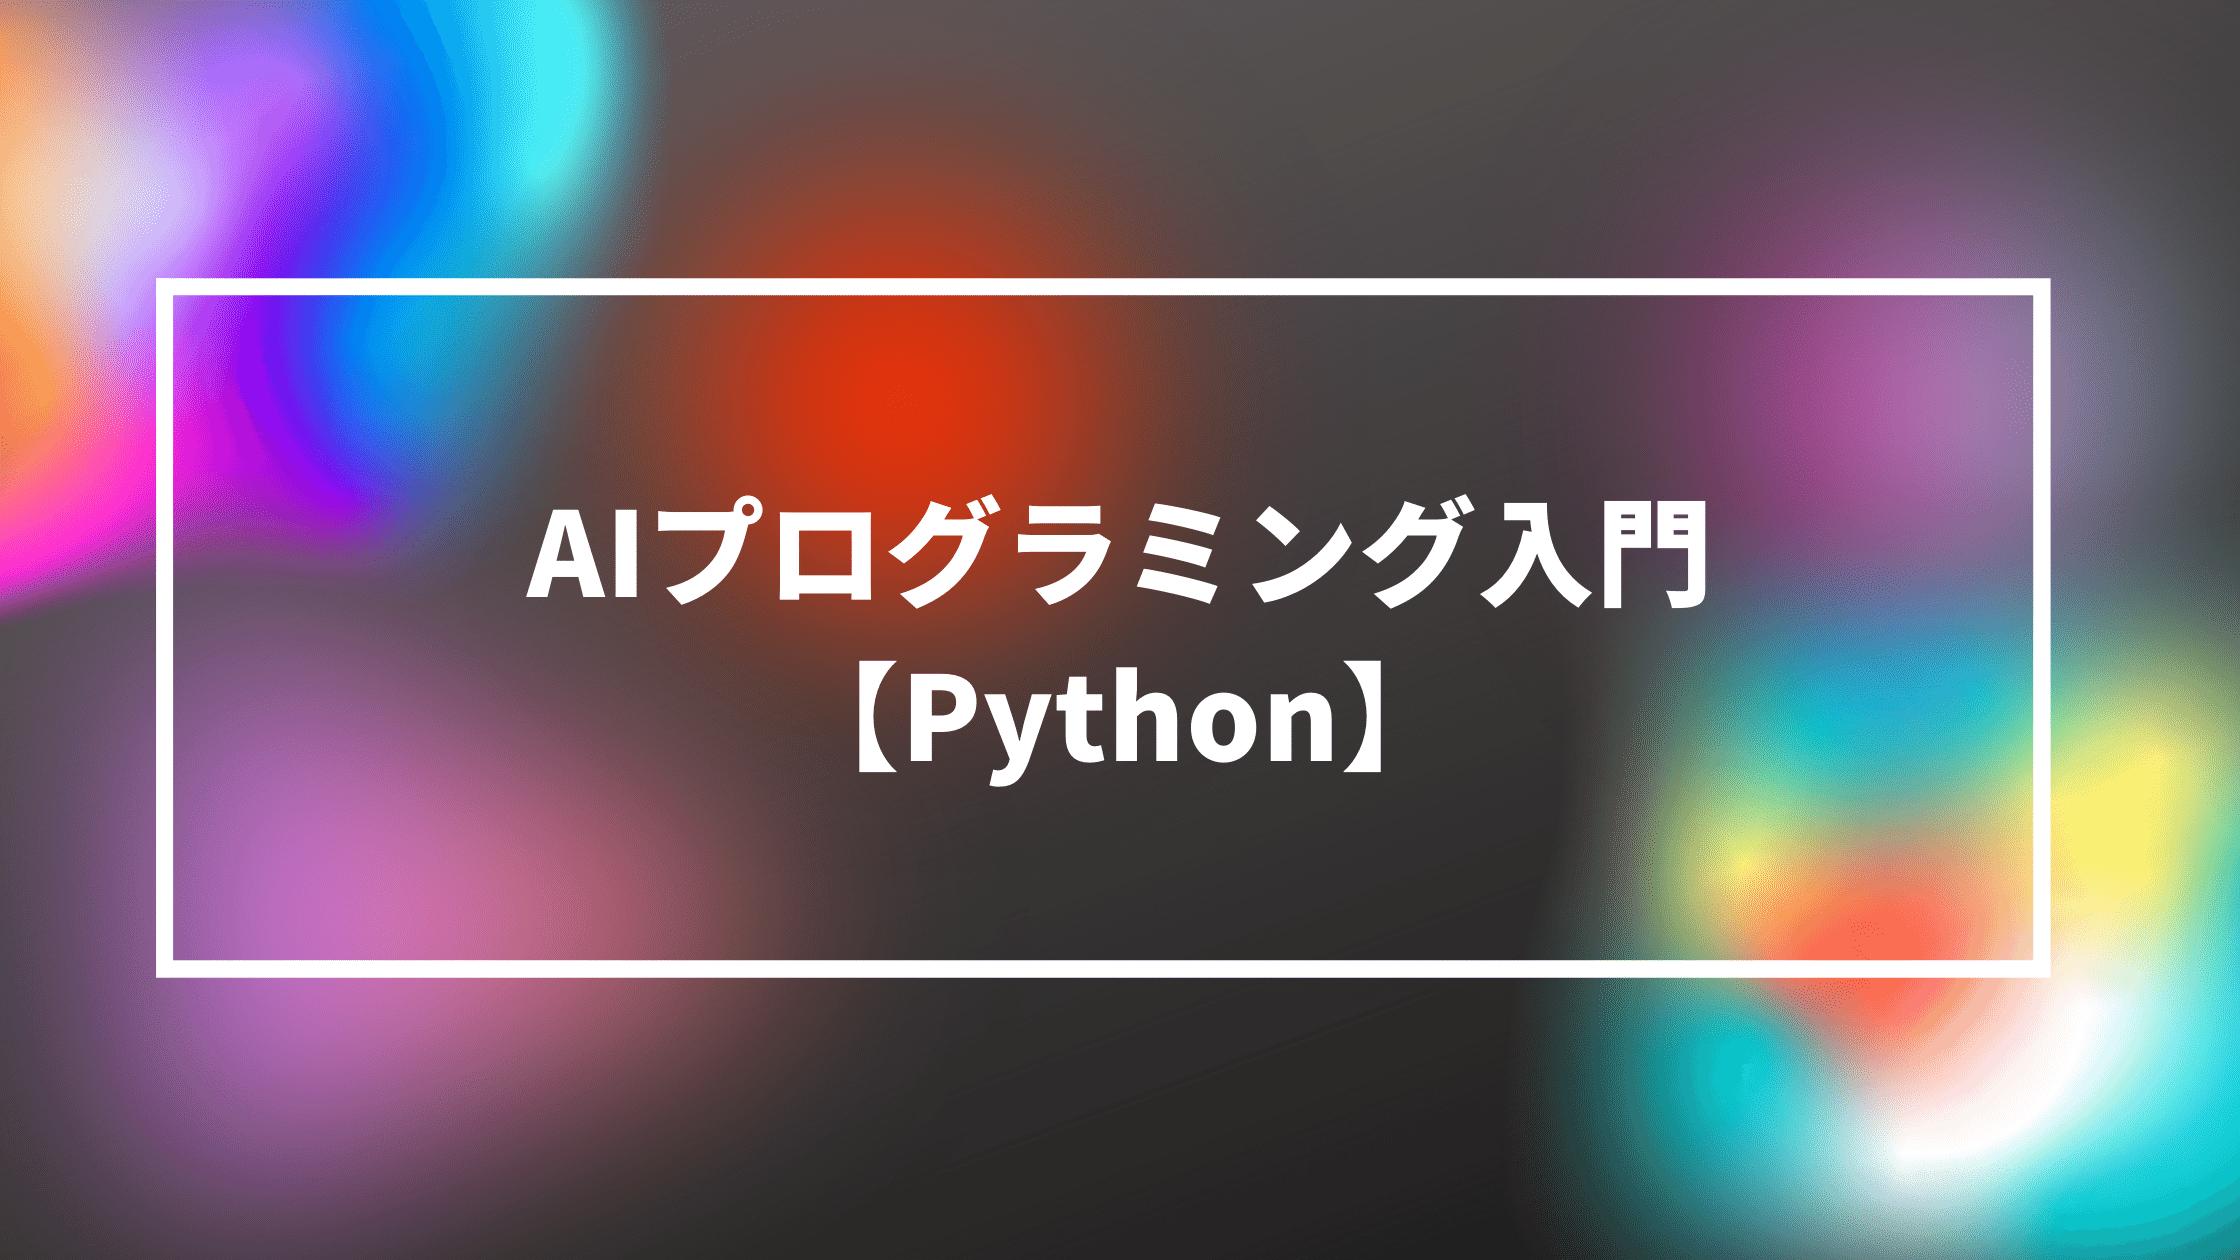 AIプログラミング入門【Python】